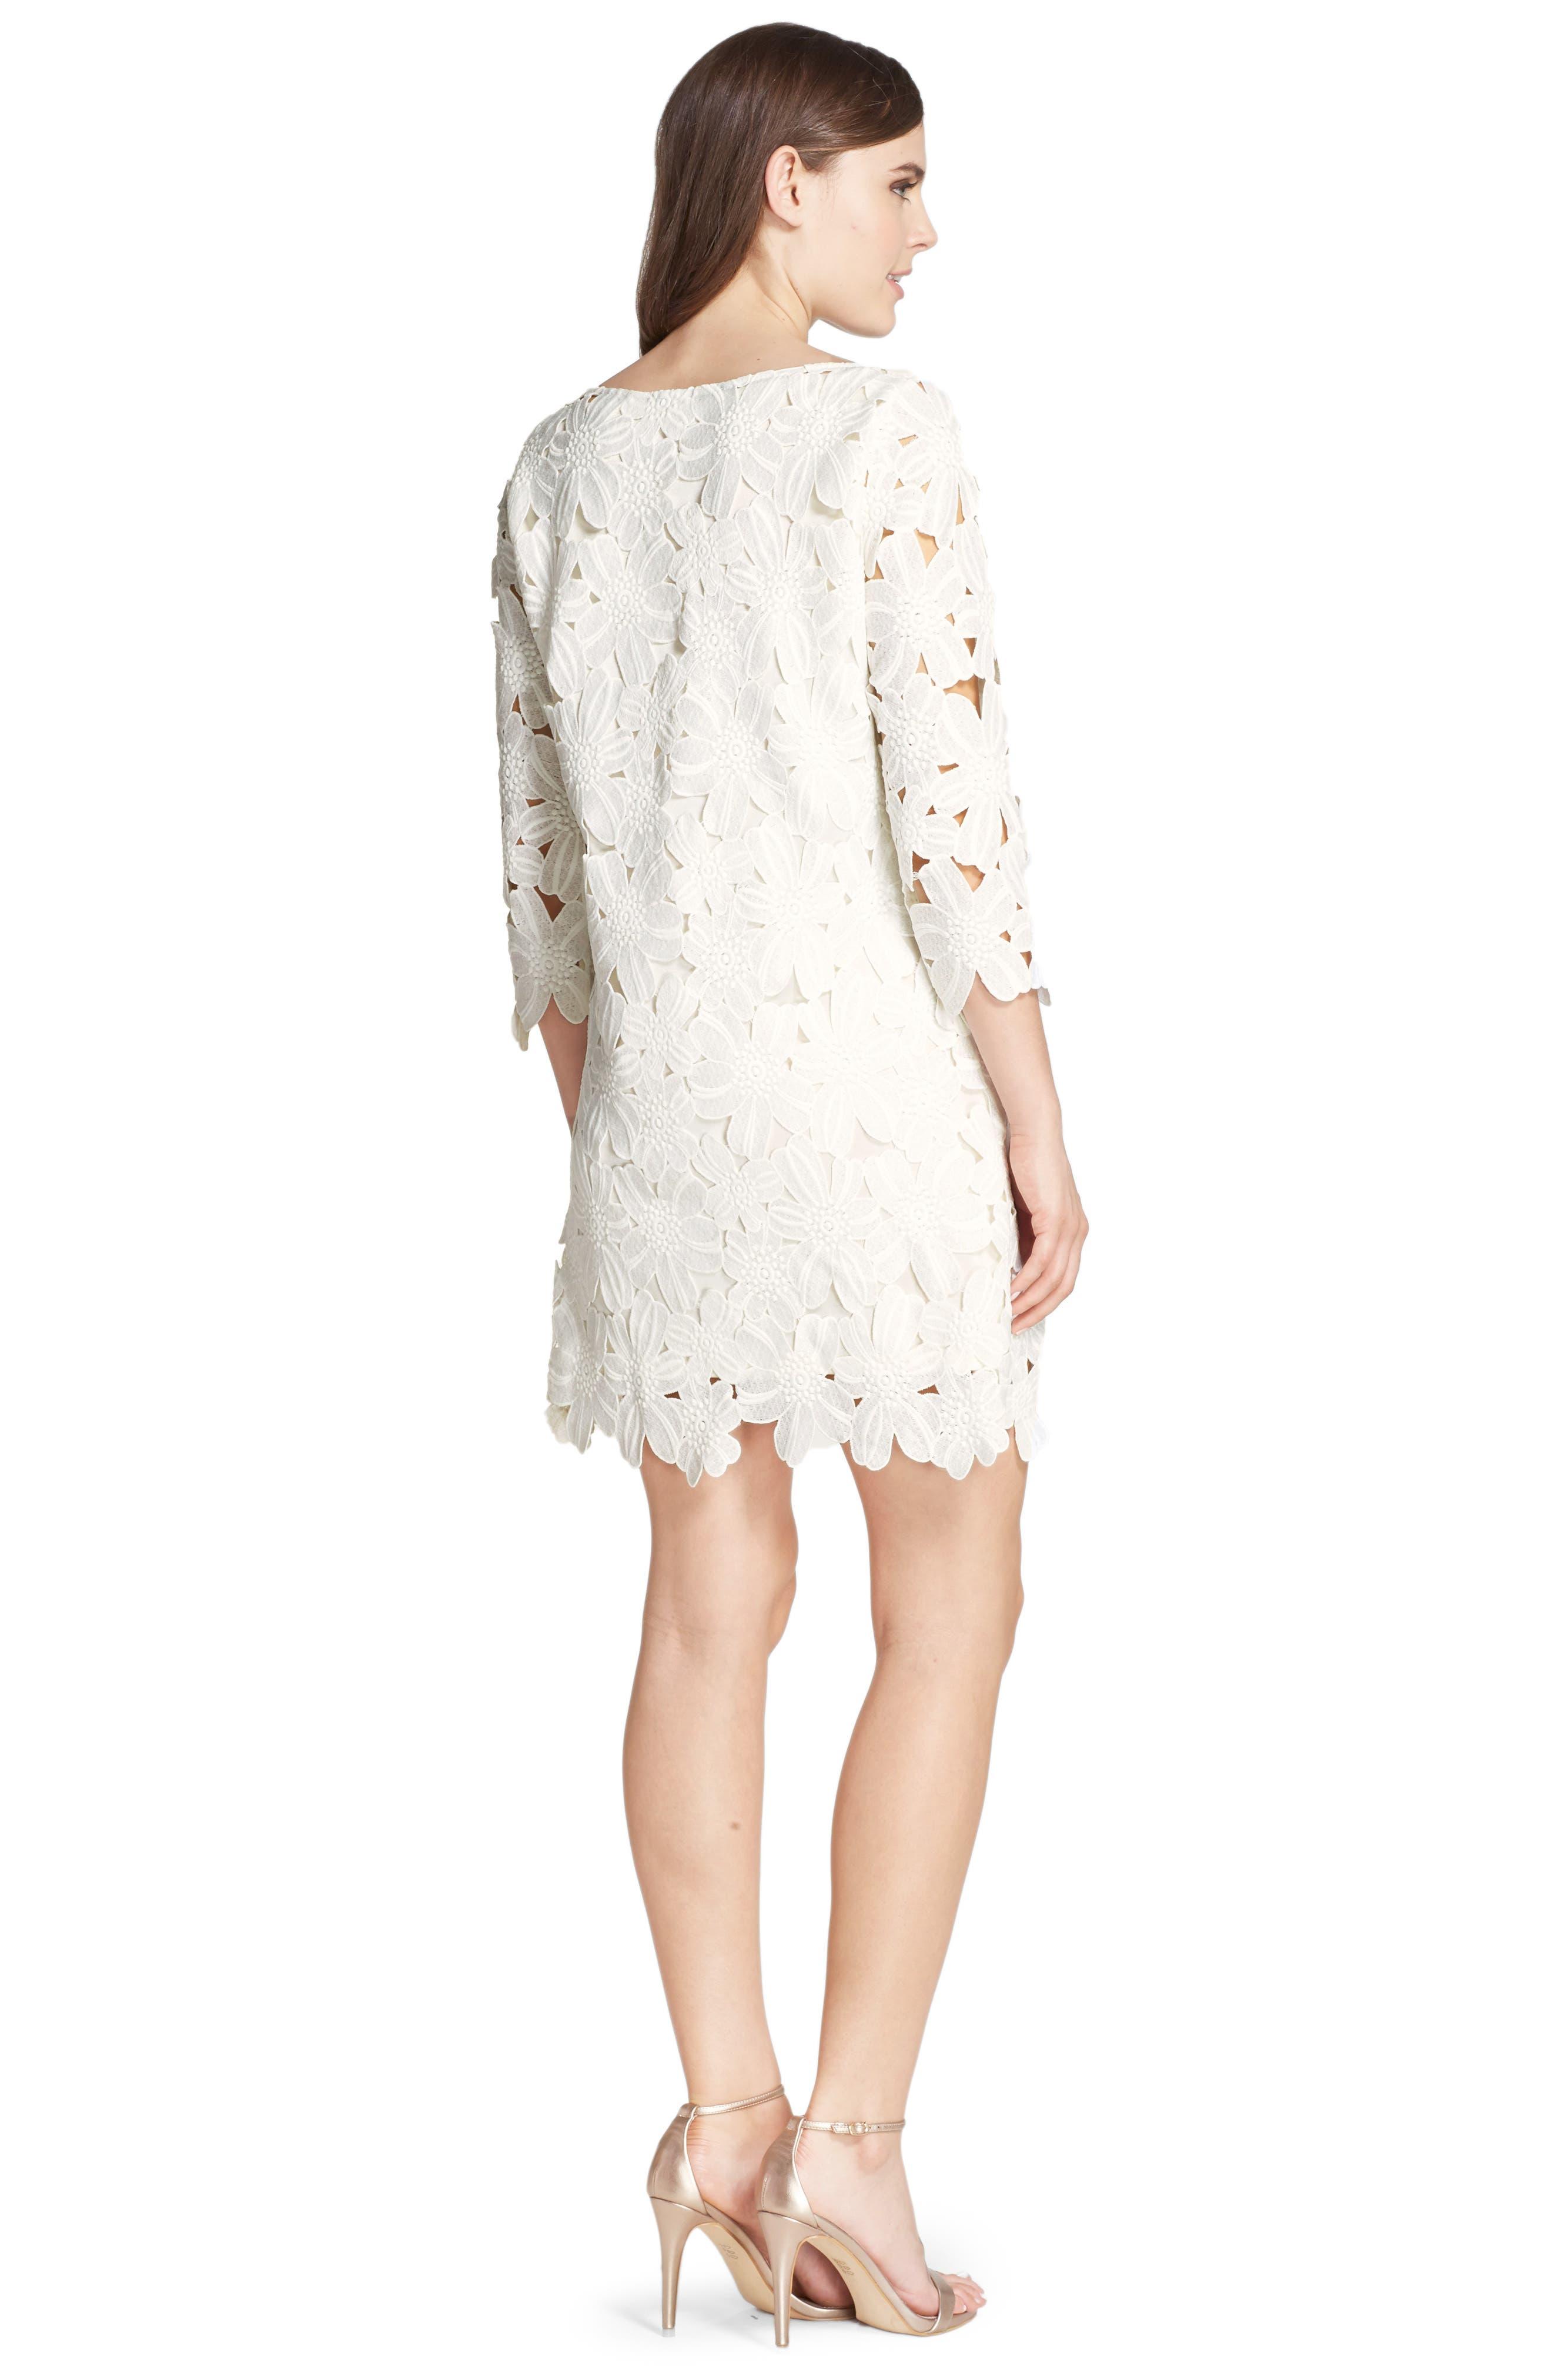 Belza Floral Lace Shift Dress,                             Alternate thumbnail 8, color,                             100